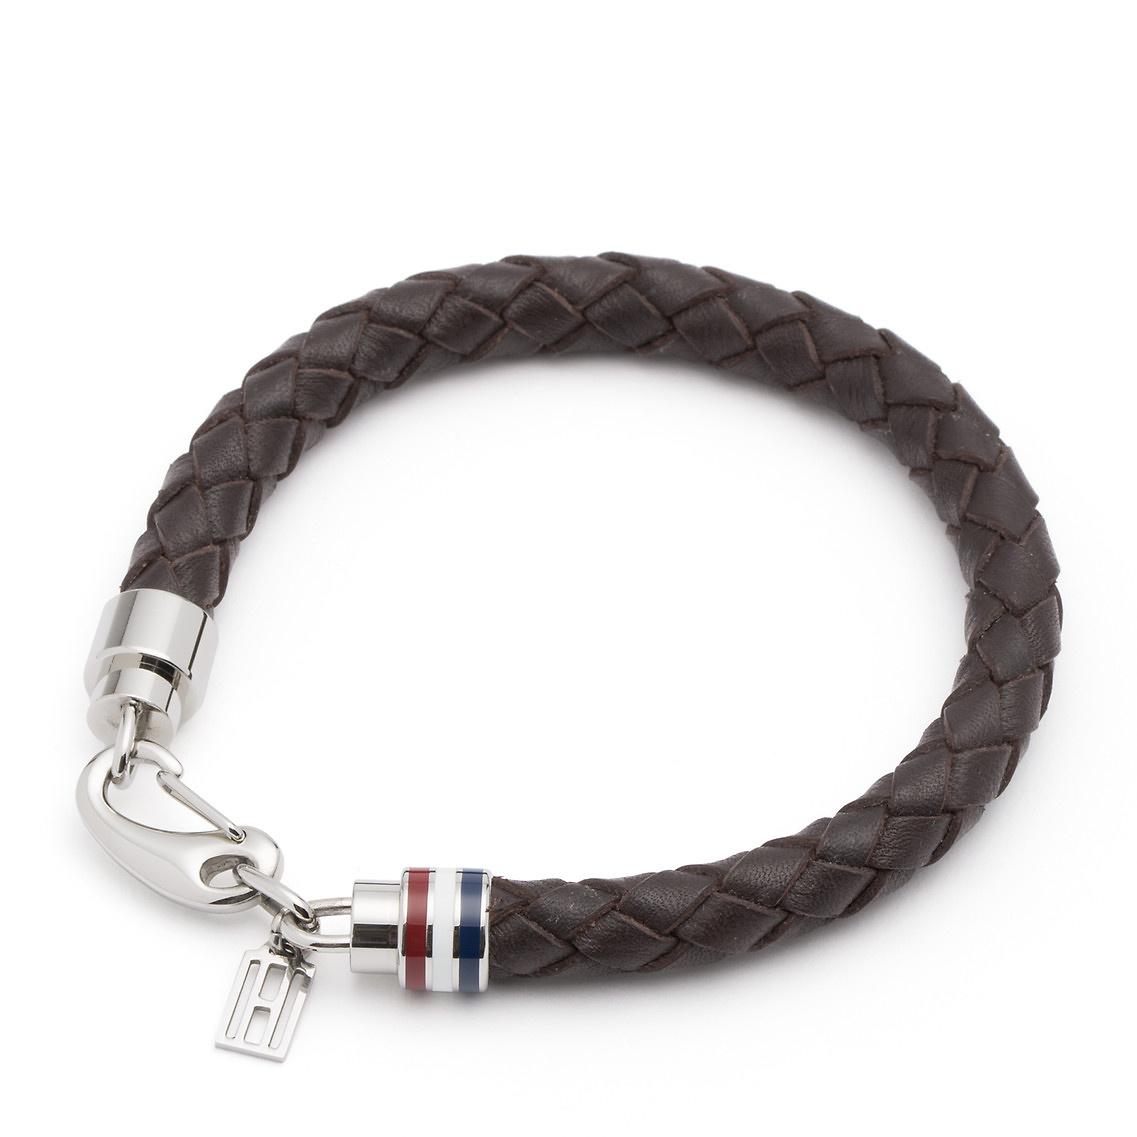 tommy hilfiger leather chain bracelet in red for men lyst. Black Bedroom Furniture Sets. Home Design Ideas